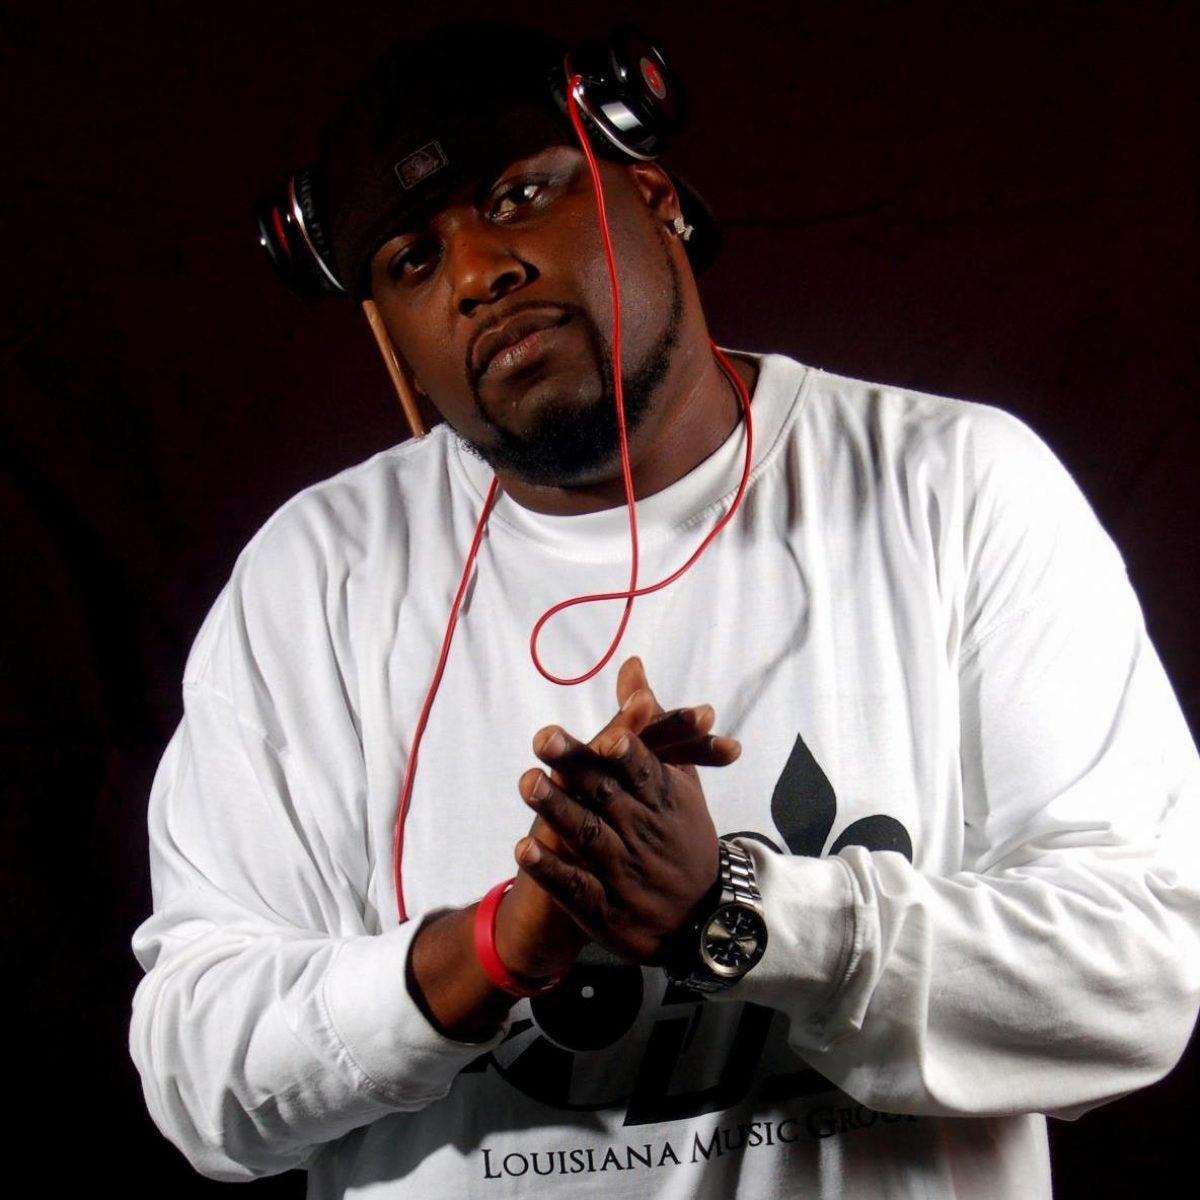 New Orleans Bounce DJ Black N Mild Dies After Coronavirus Diagnosis